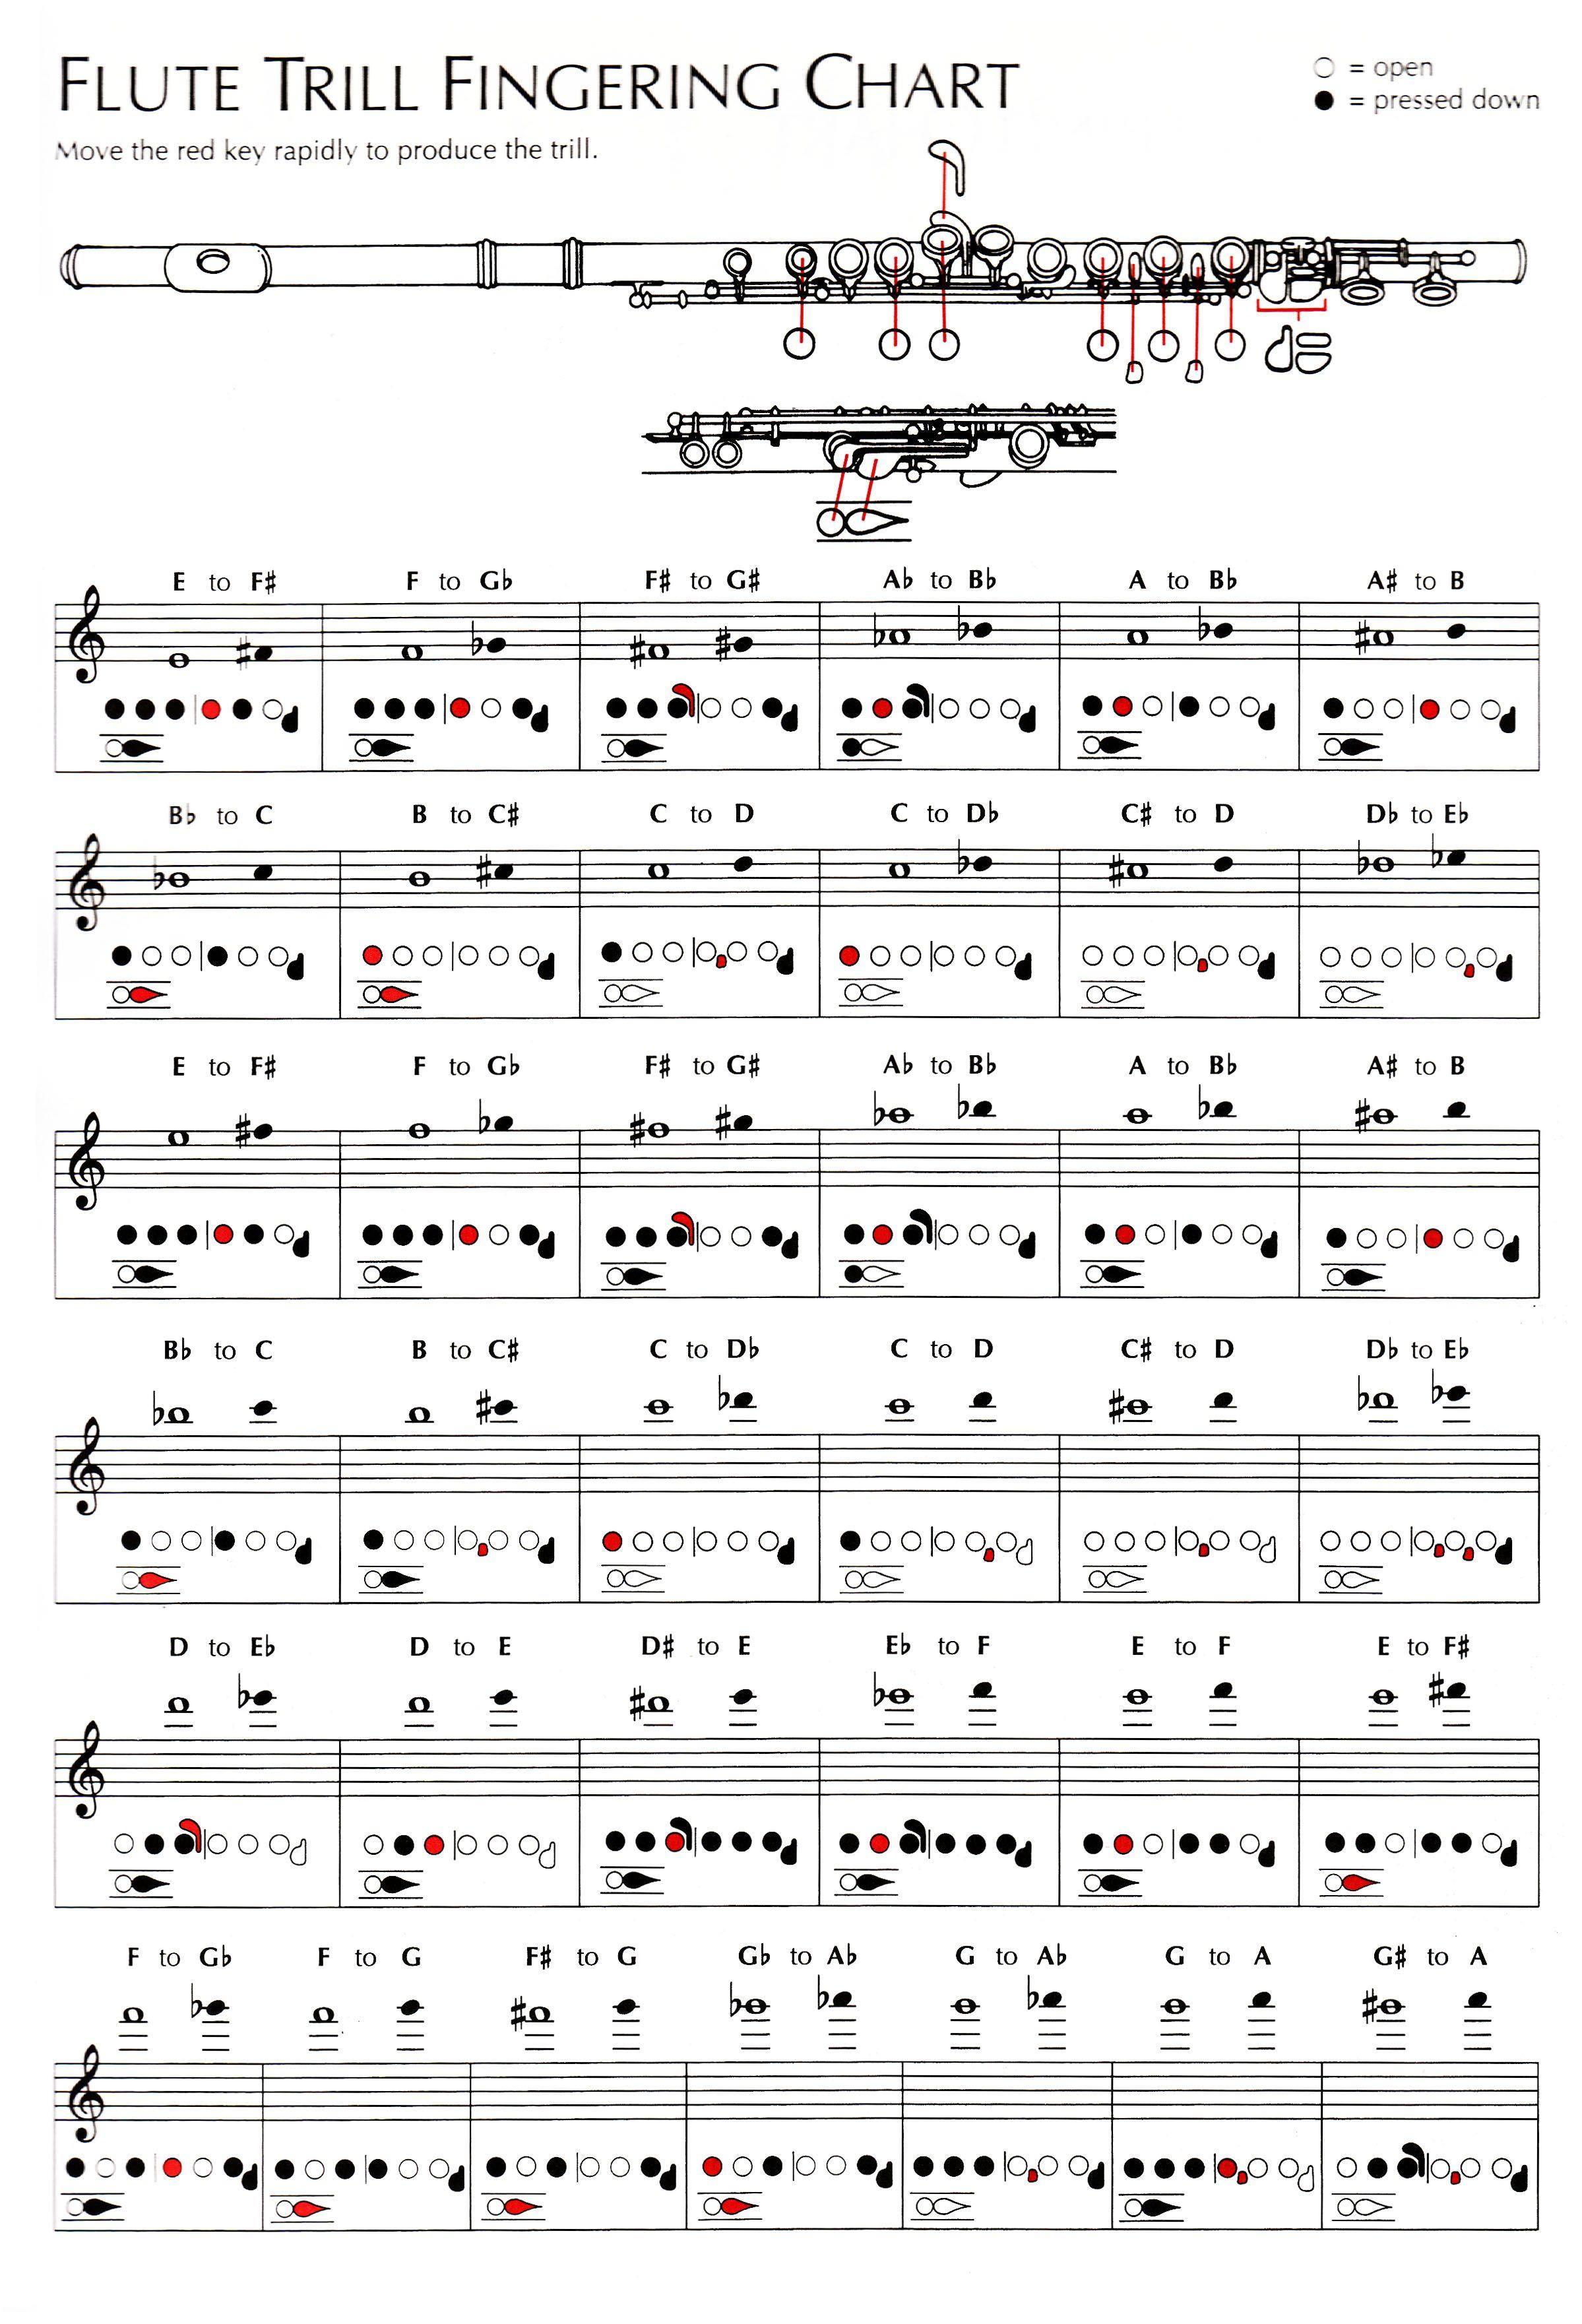 Flute Trill Fingering ChartJpg   Flute Music